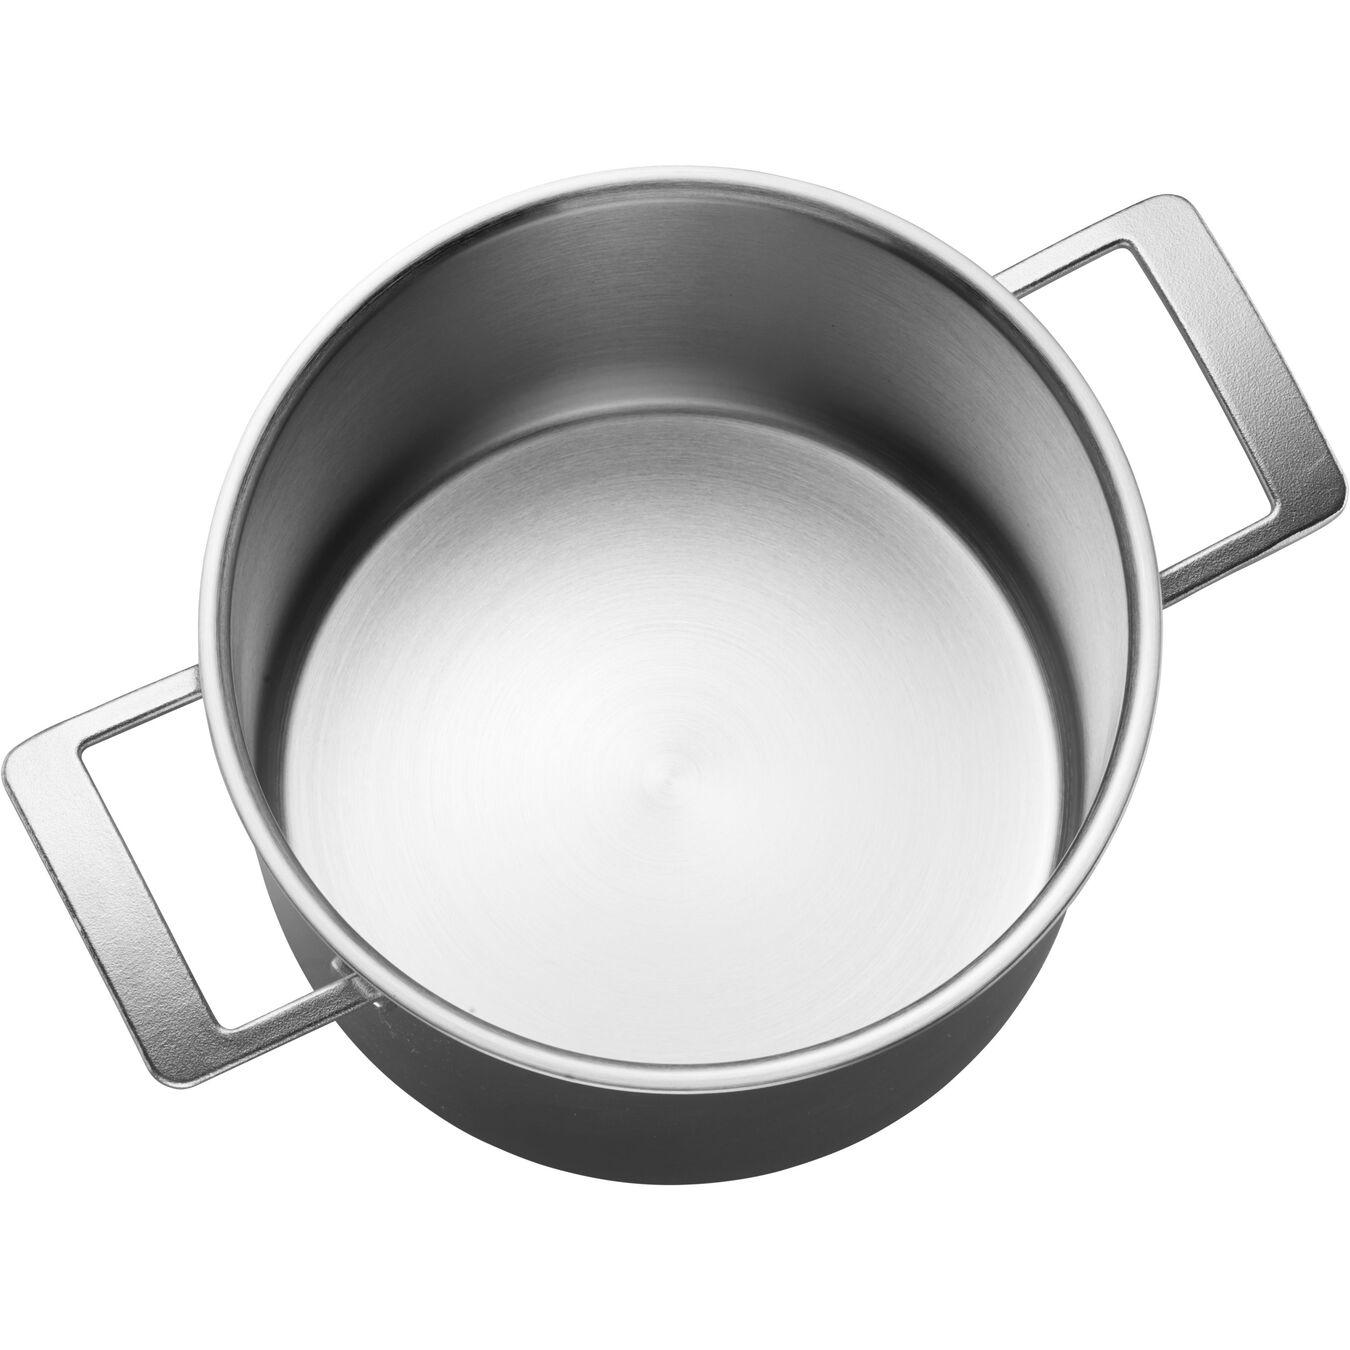 Pentola con coperchio - 24 cm, acciaio,,large 3